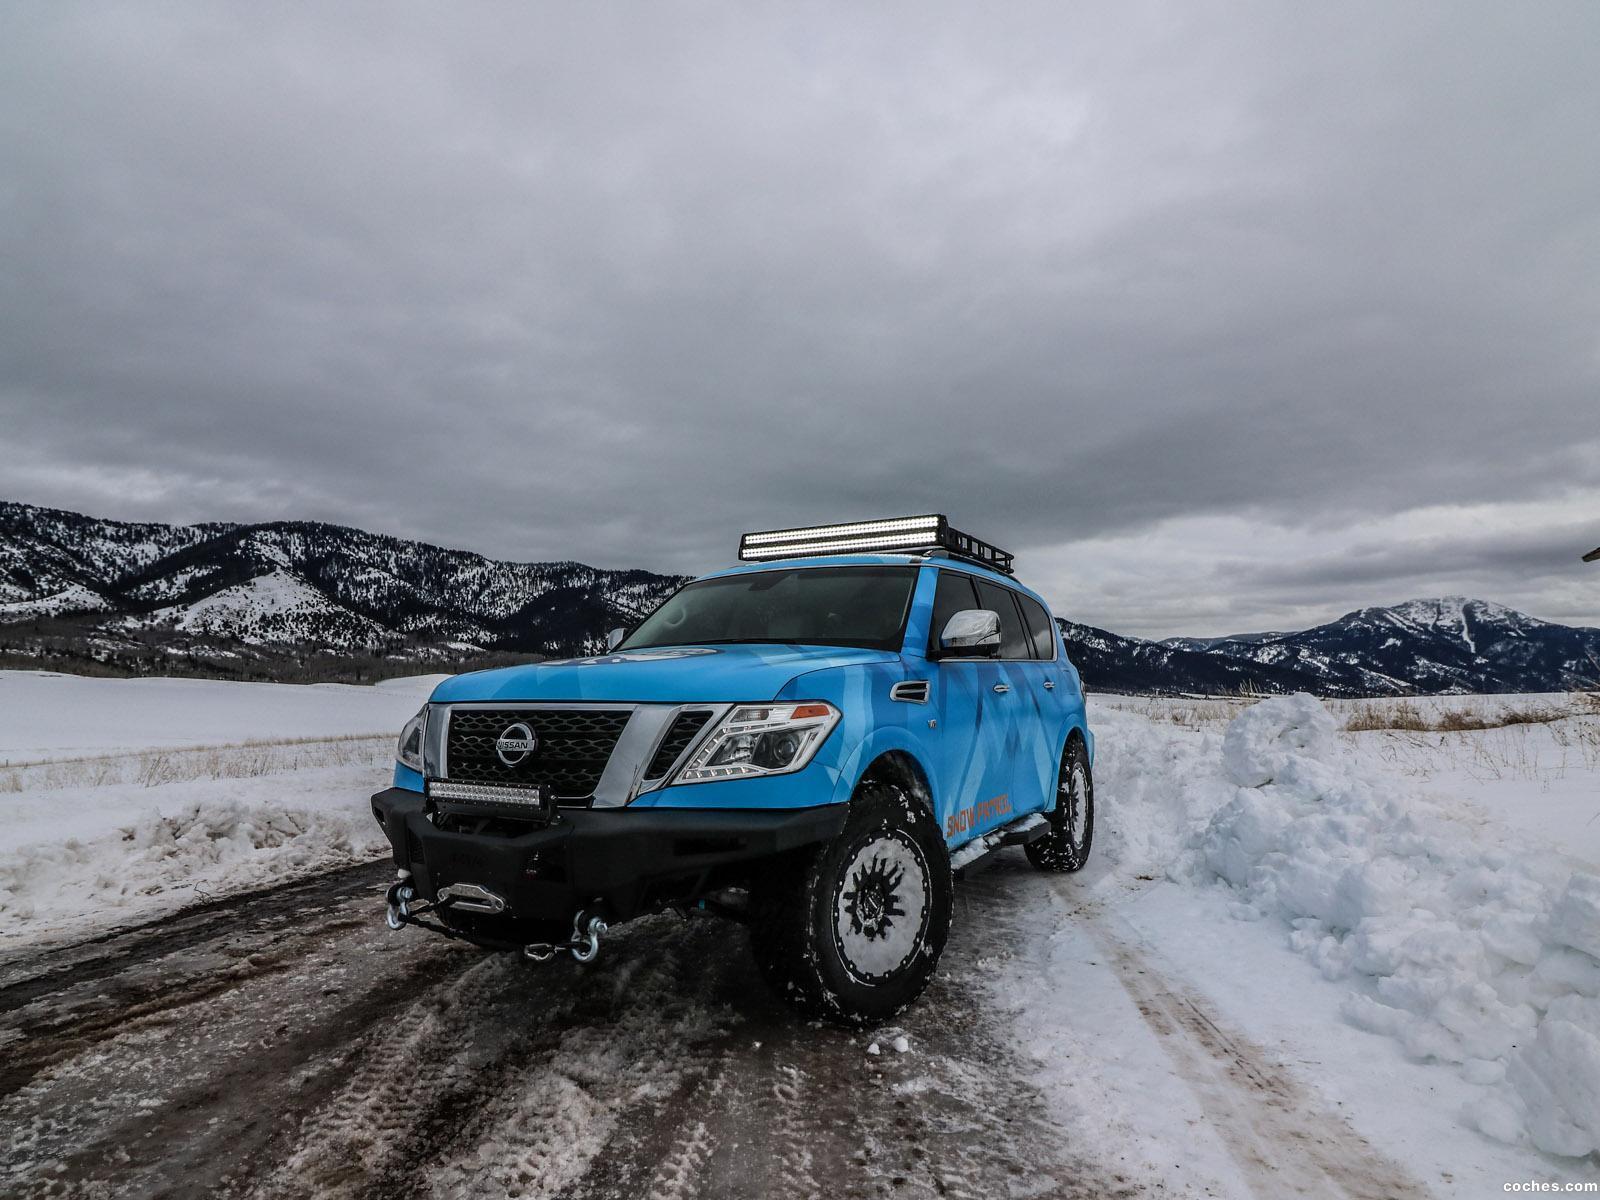 nissan_armada-snow-patrol-2018_r8.jpg